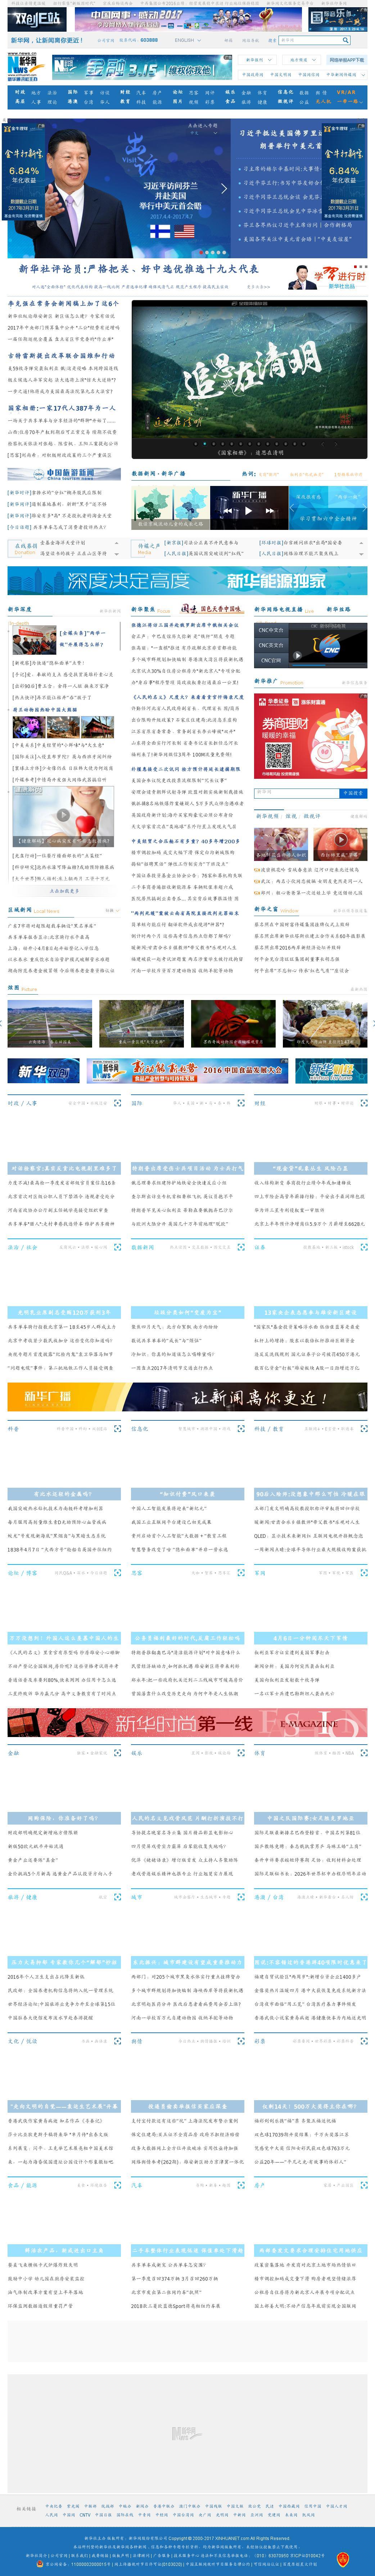 Xinhua at Friday April 7, 2017, 7:23 a.m. UTC